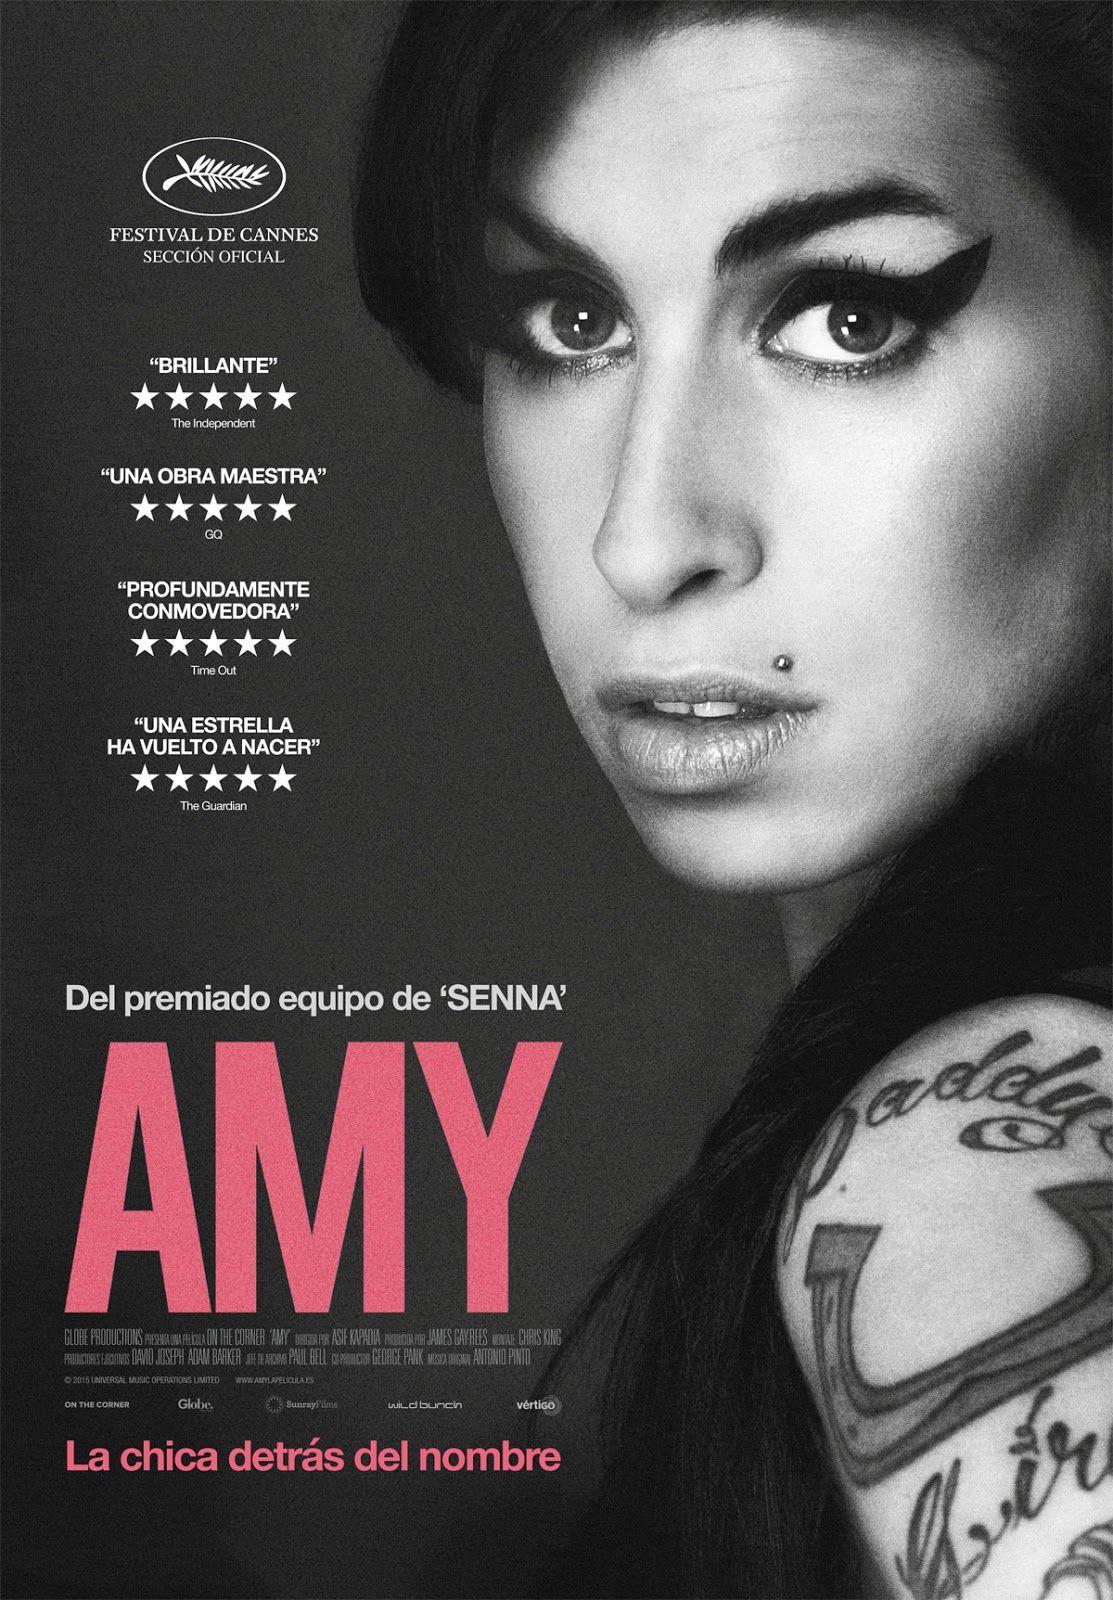 Peliculas Porno Completas 2014 amy winehouse: documental sub. español - buscar con google